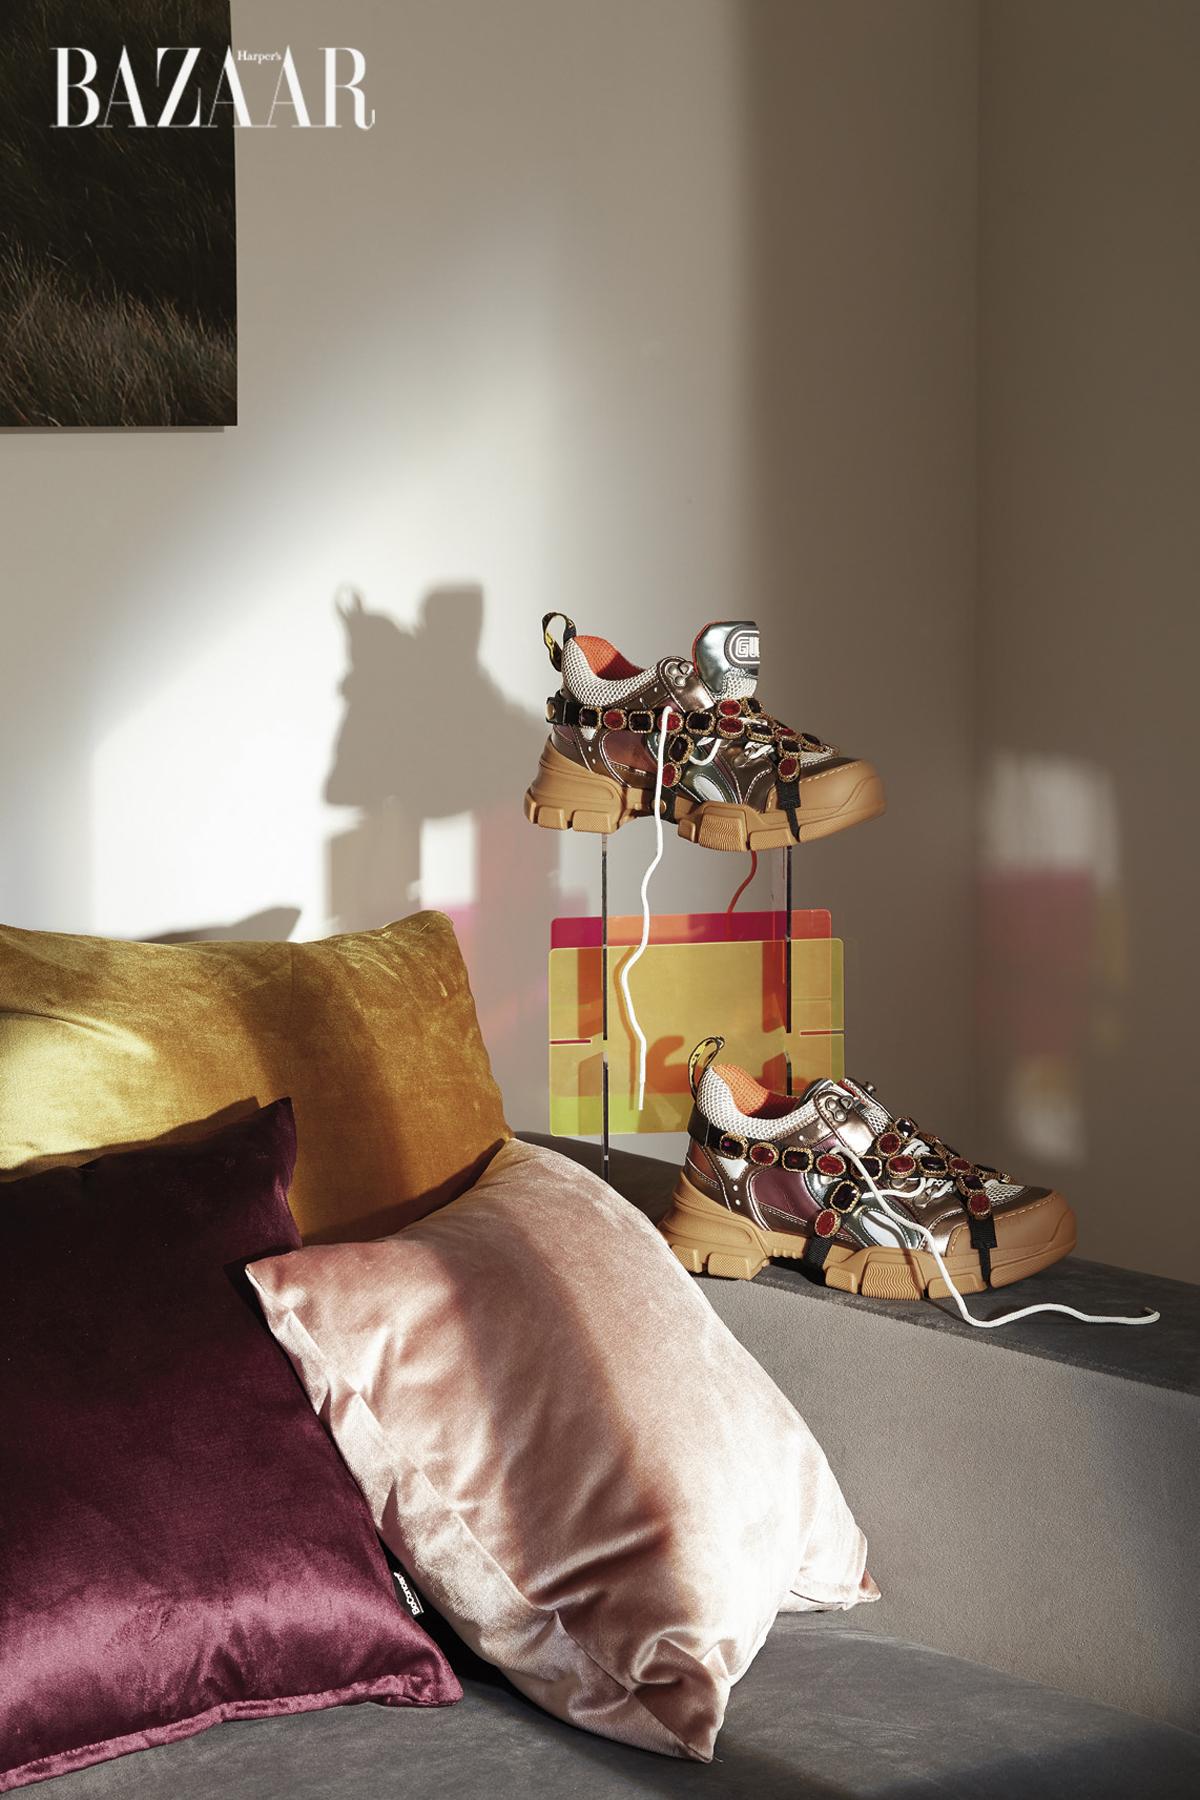 phu-kien-duoc-yeu-thich-nhat-gucci-sneaker